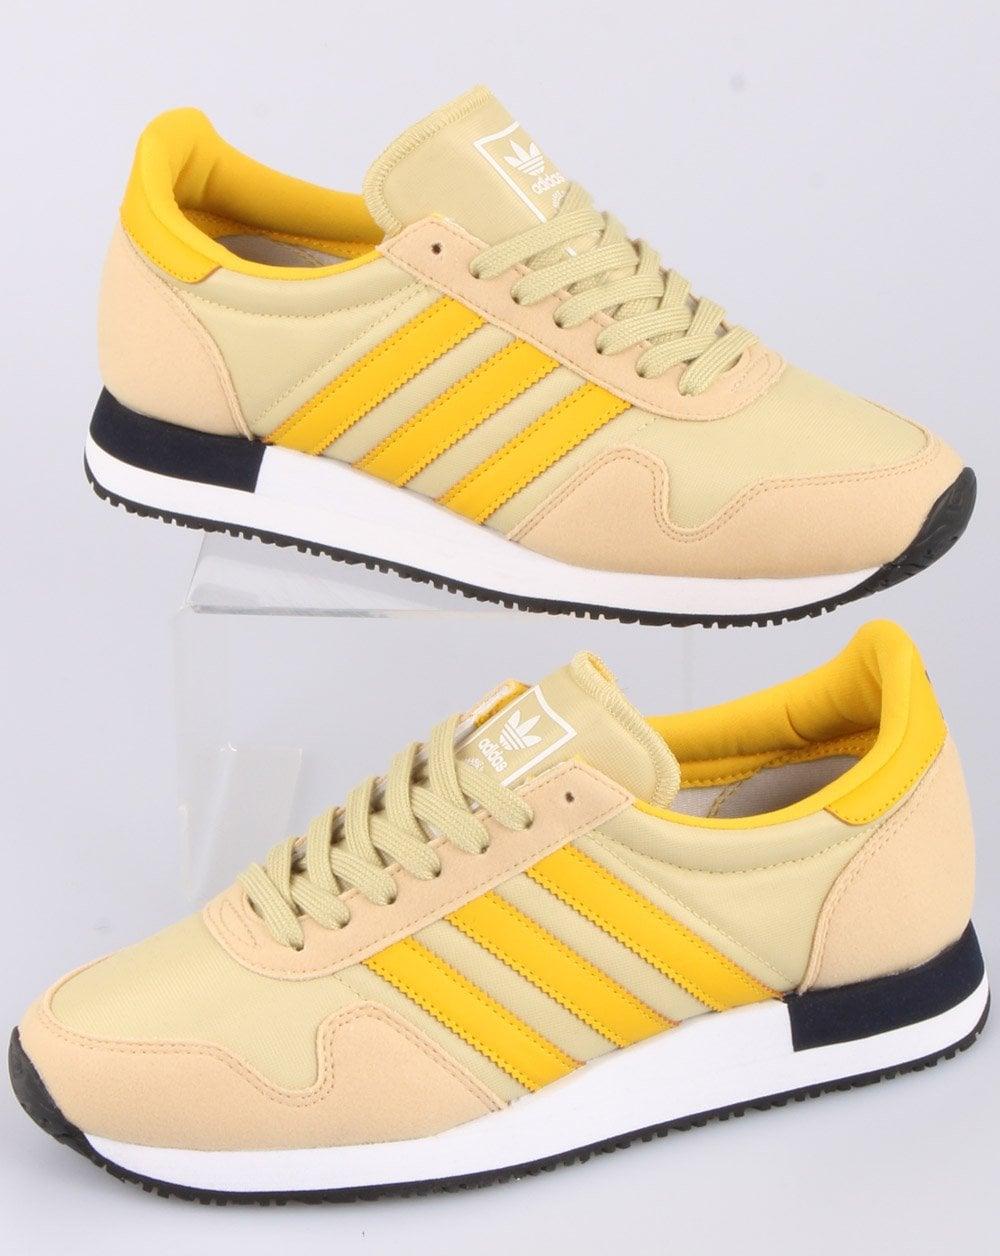 Adidas Usa 84 Trainers Hazy Beige/Hazy Yellow